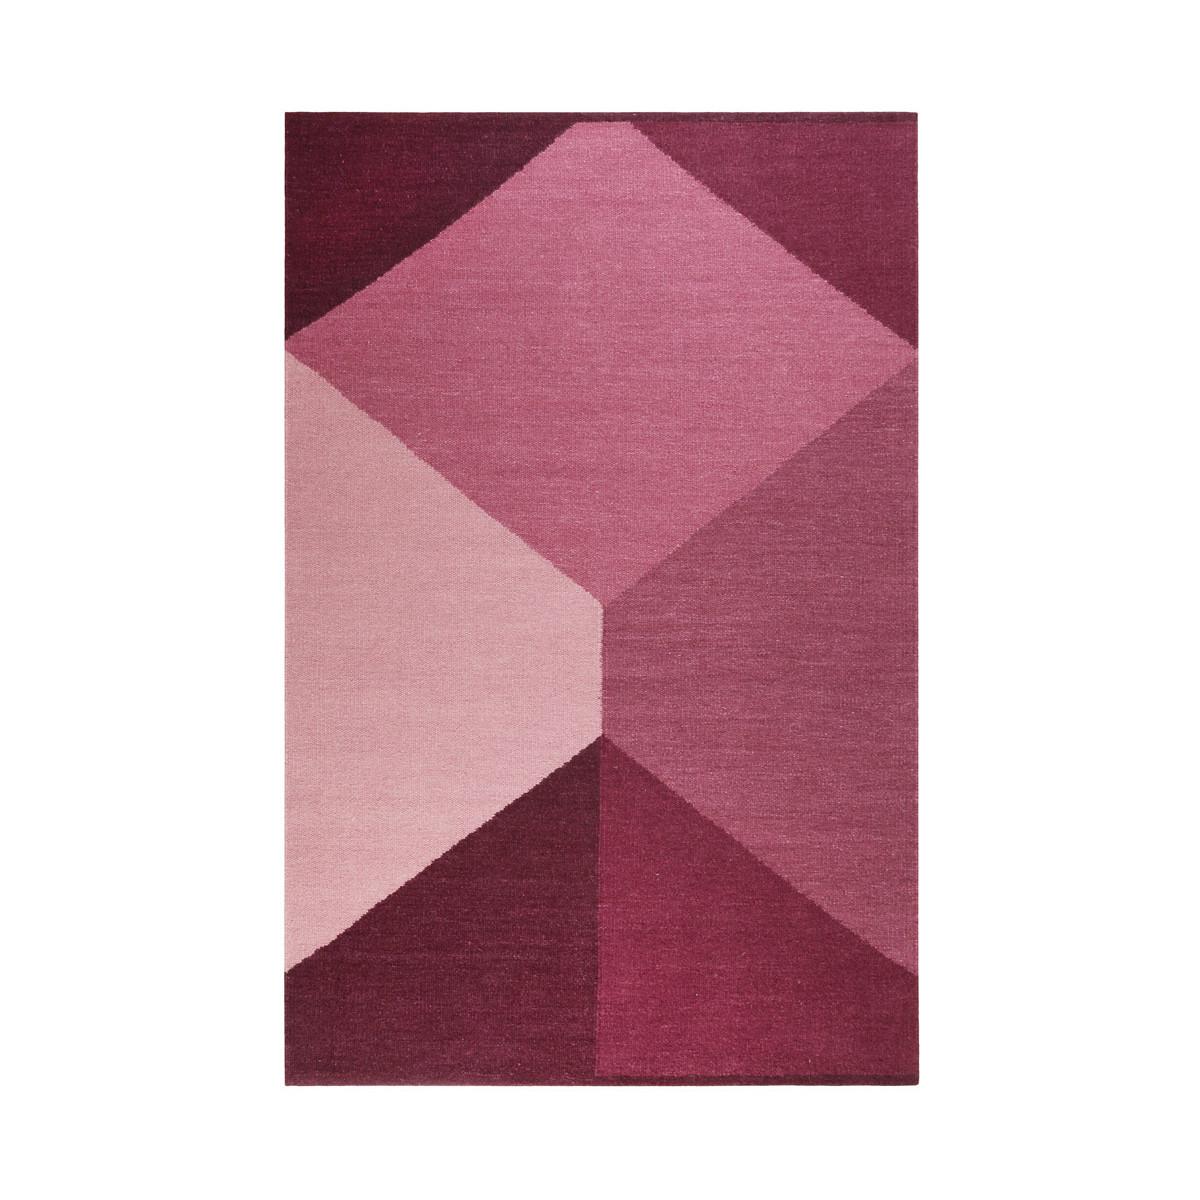 Tapis géométrique scandinave en laine rouge 130x190